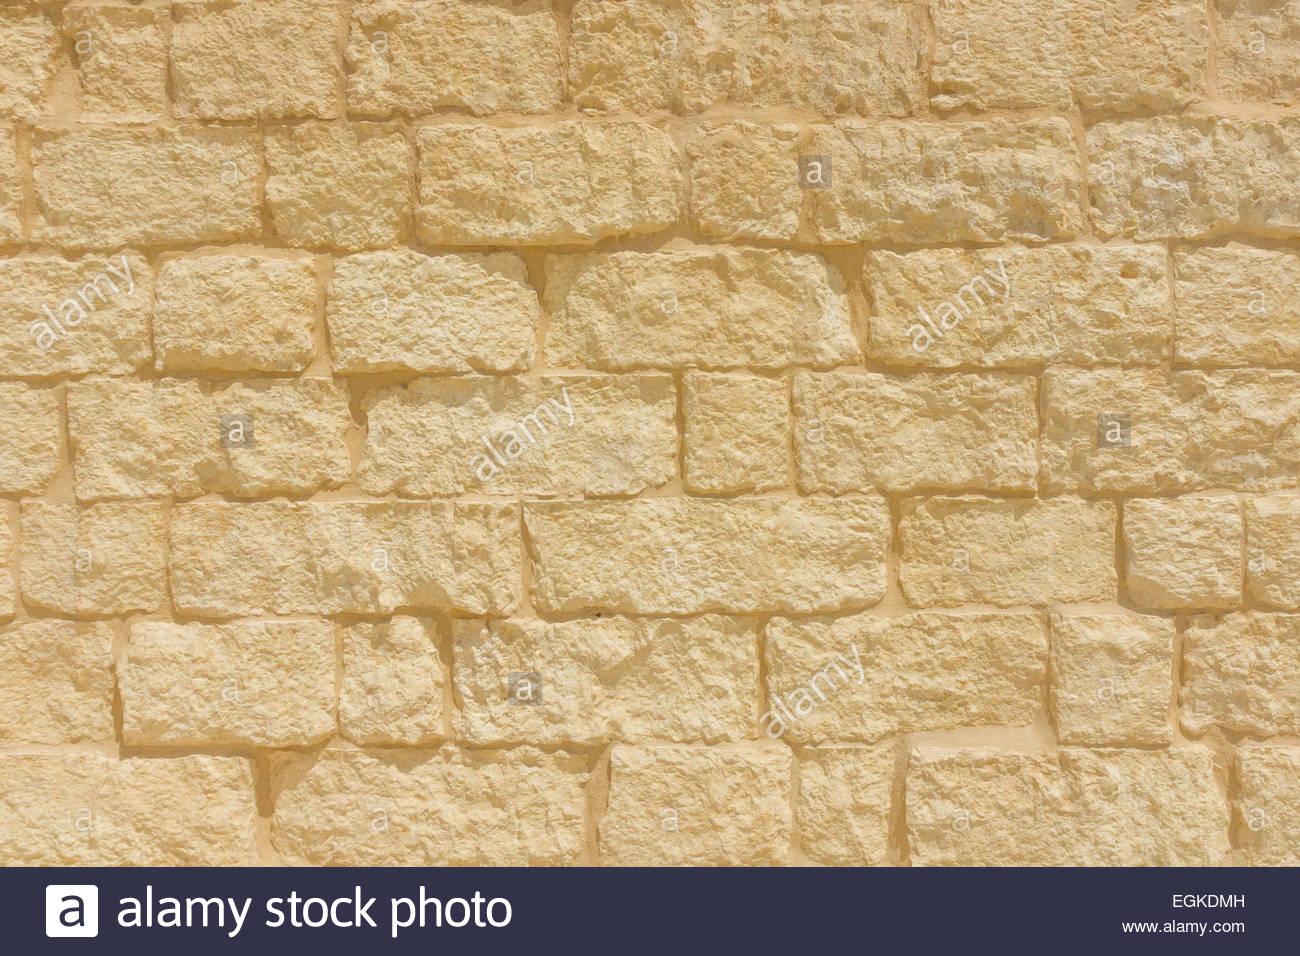 Sandstone brick wall background Stock Photo 79103825   Alamy 1300x956